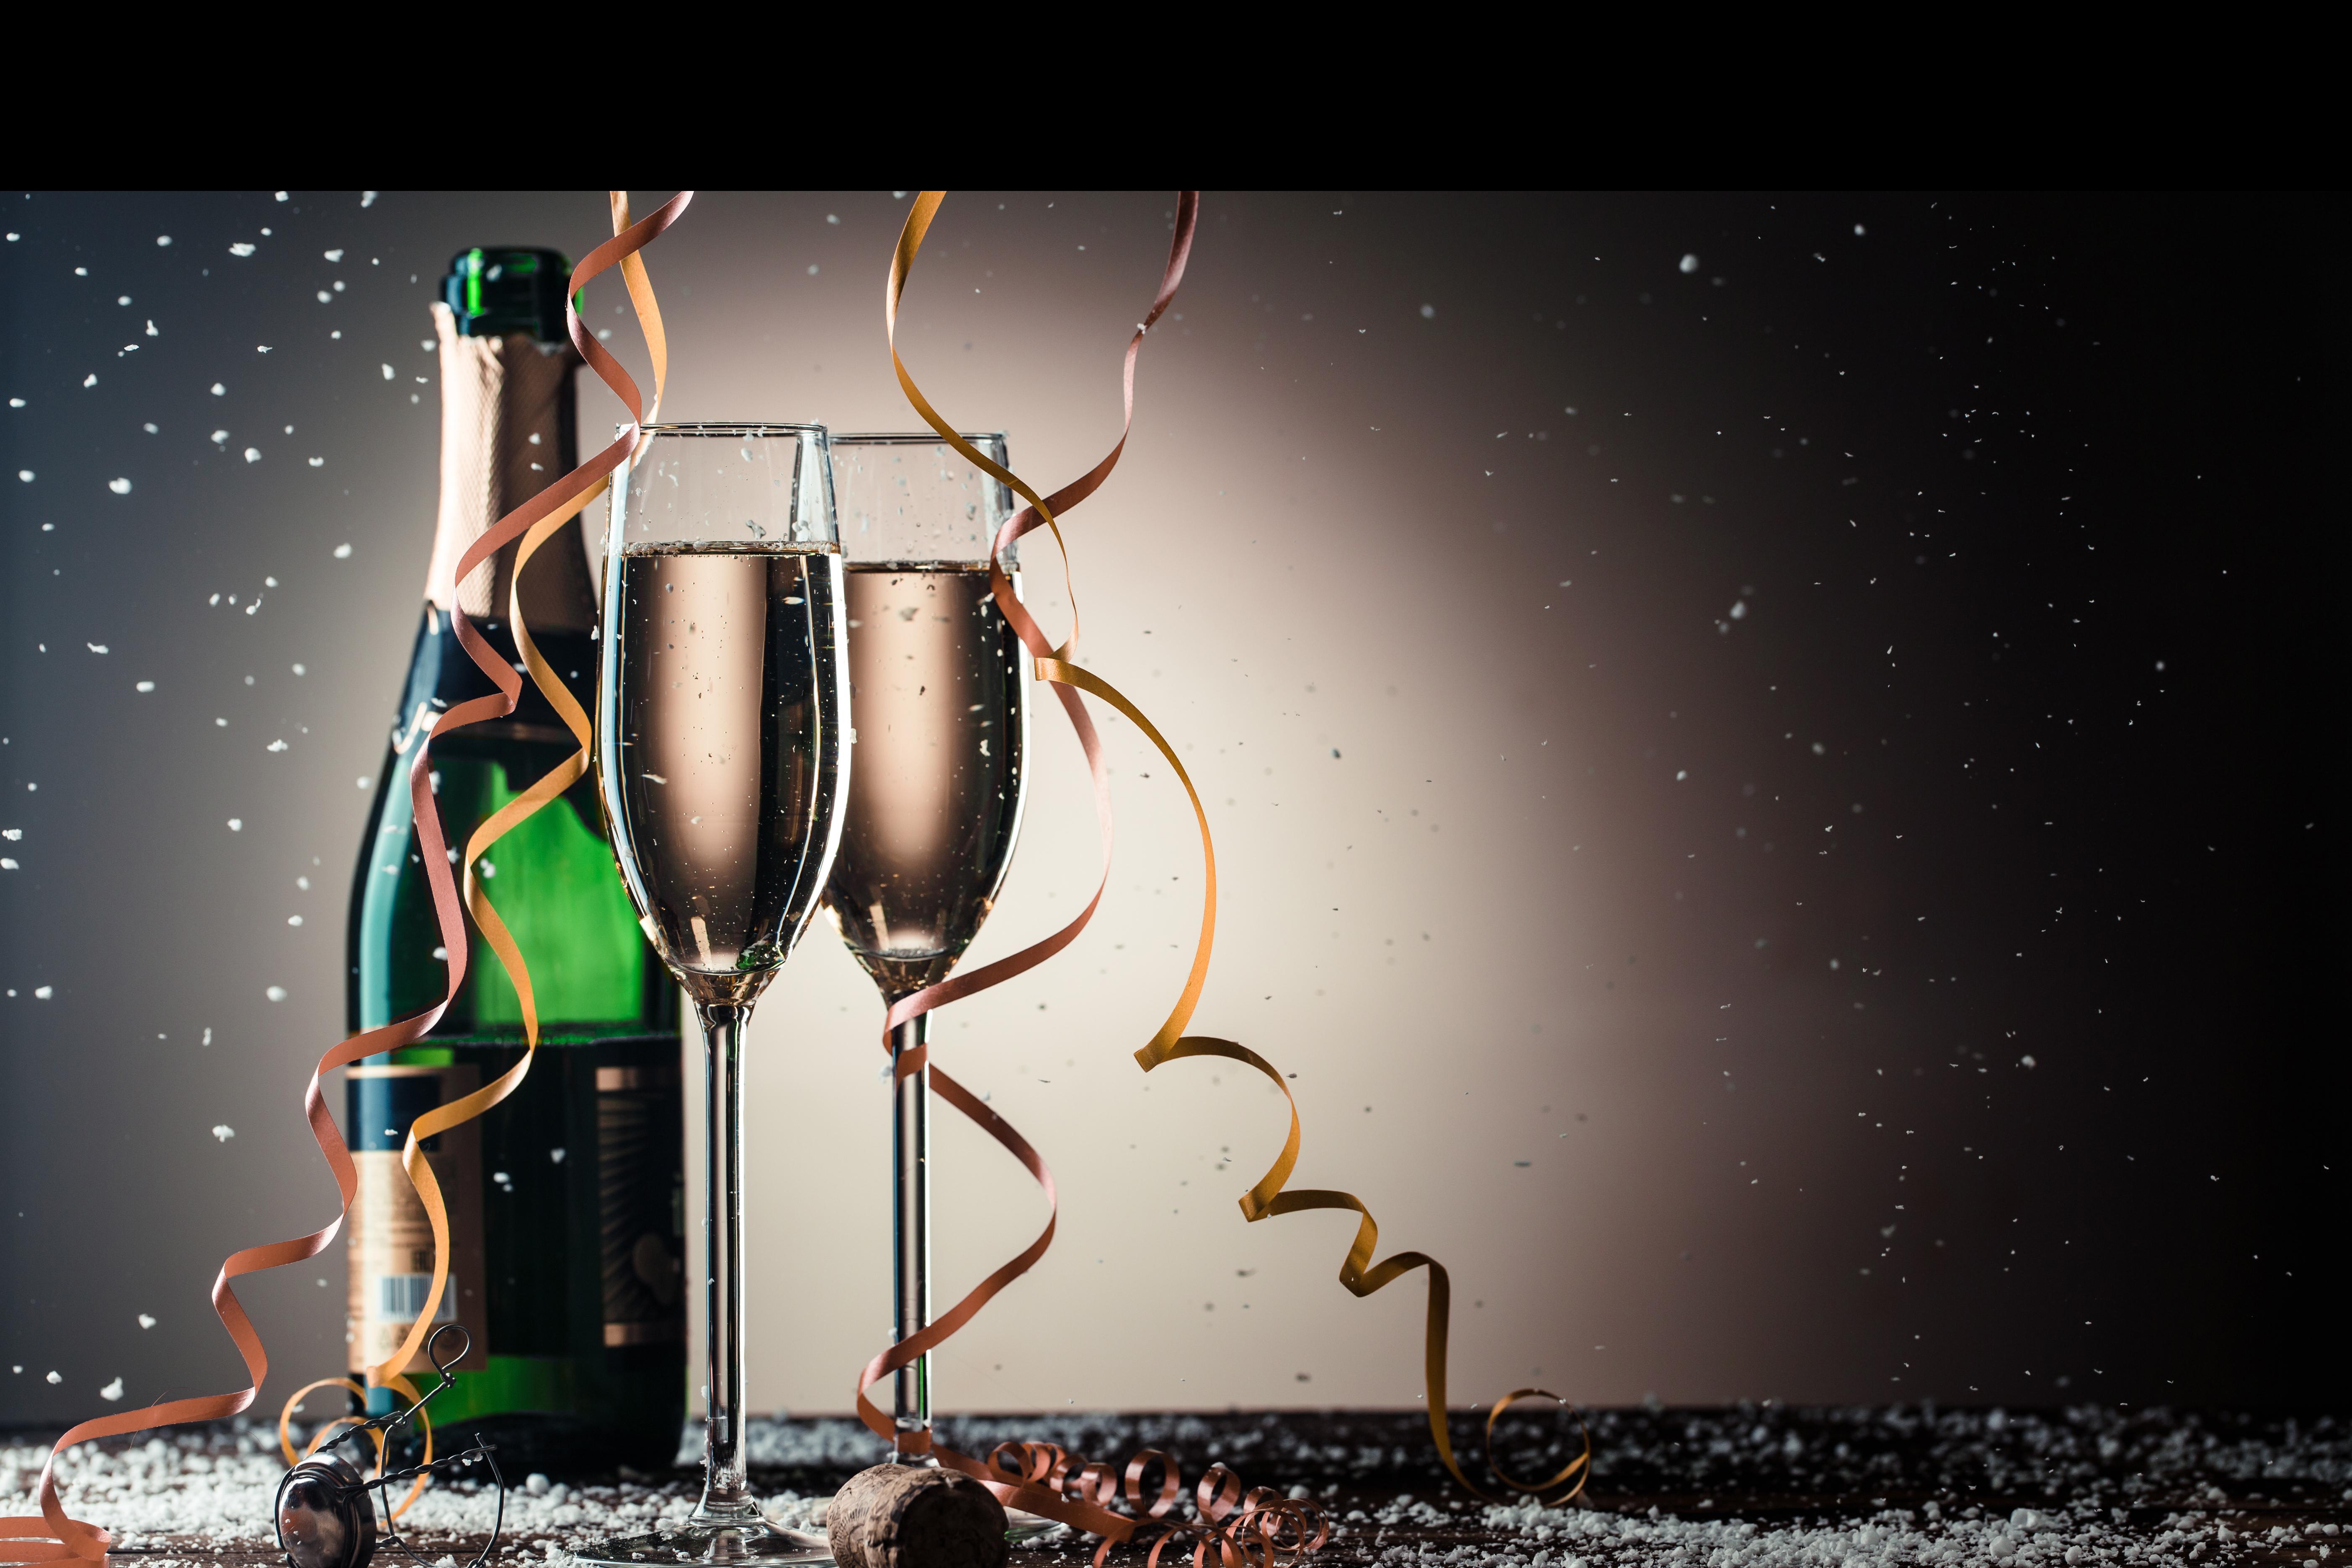 Birthday or Celebration